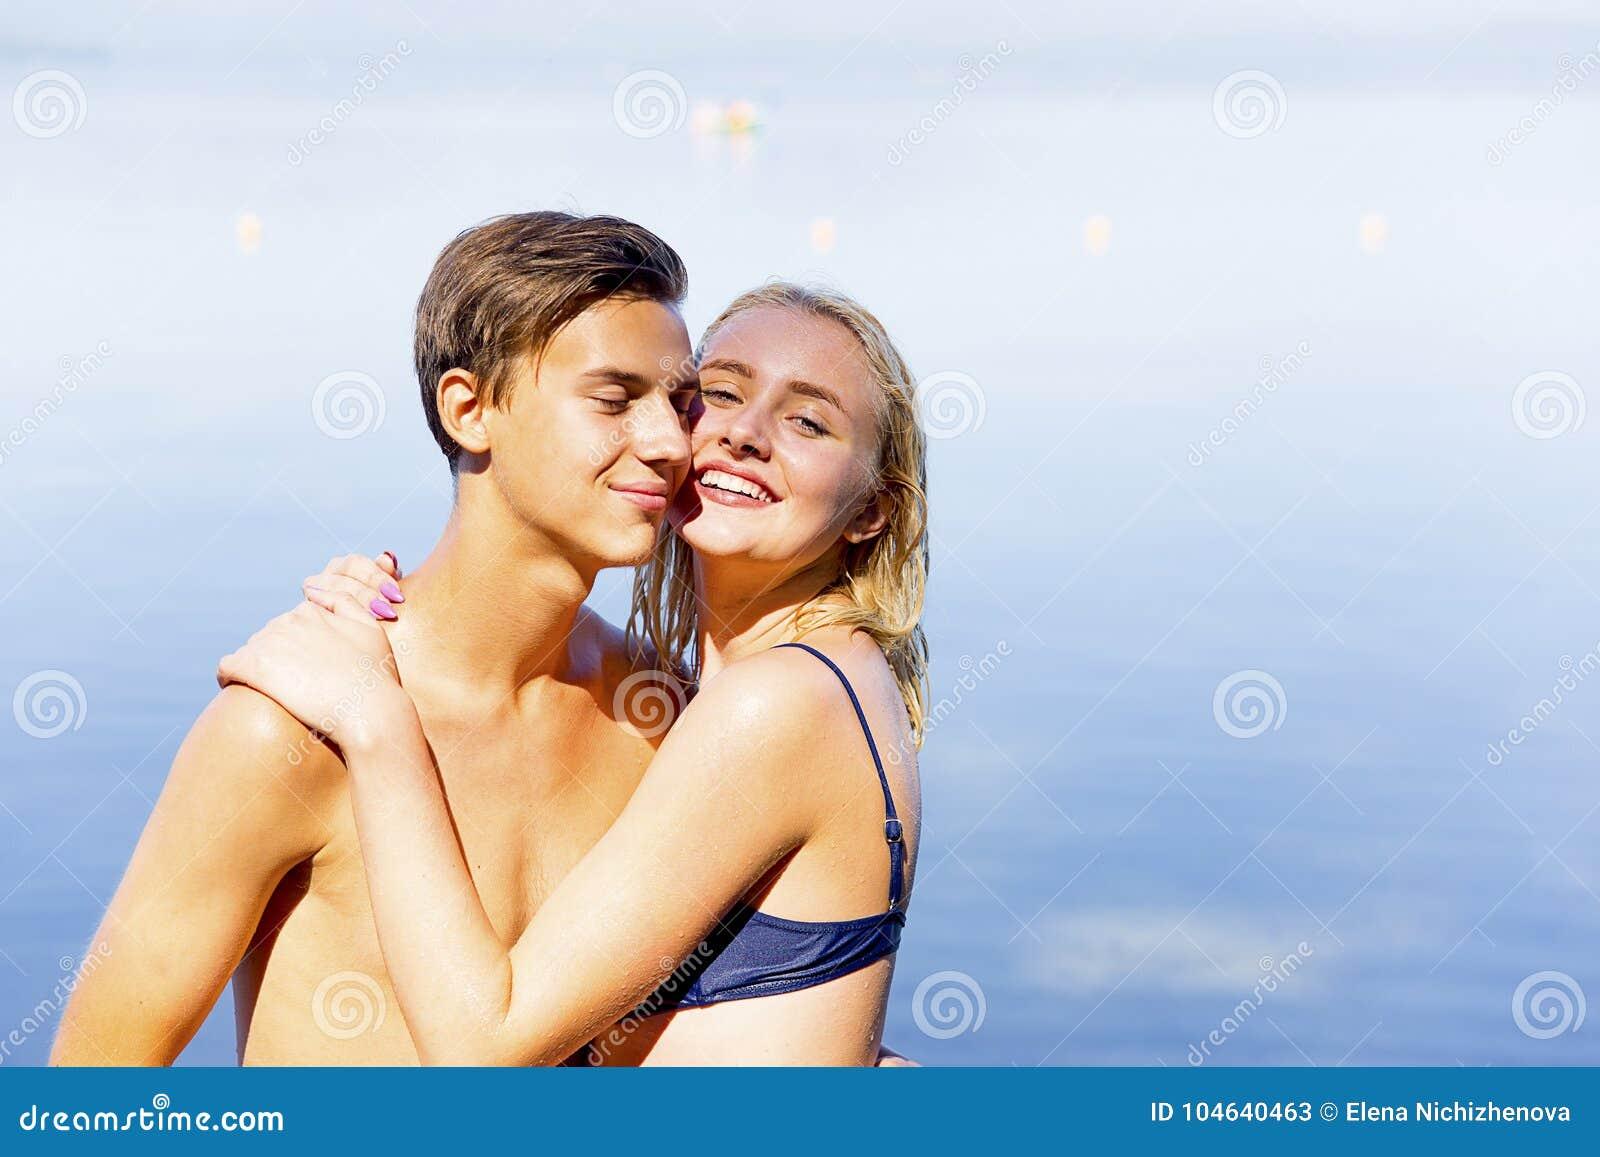 Download Paar op een strand stock afbeelding. Afbeelding bestaande uit zand - 104640463